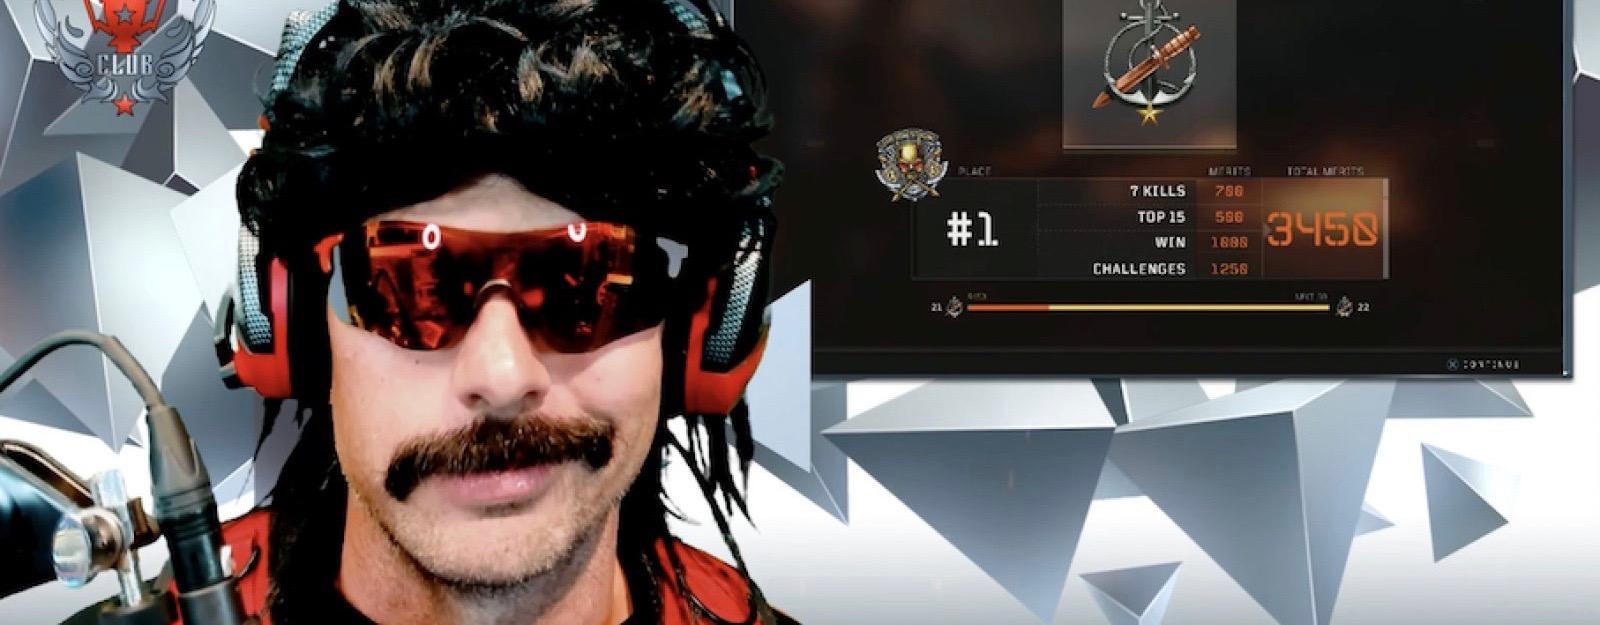 Twitch-Star DrDisrespect verspottet sich selbst im Stream und merkt es nicht